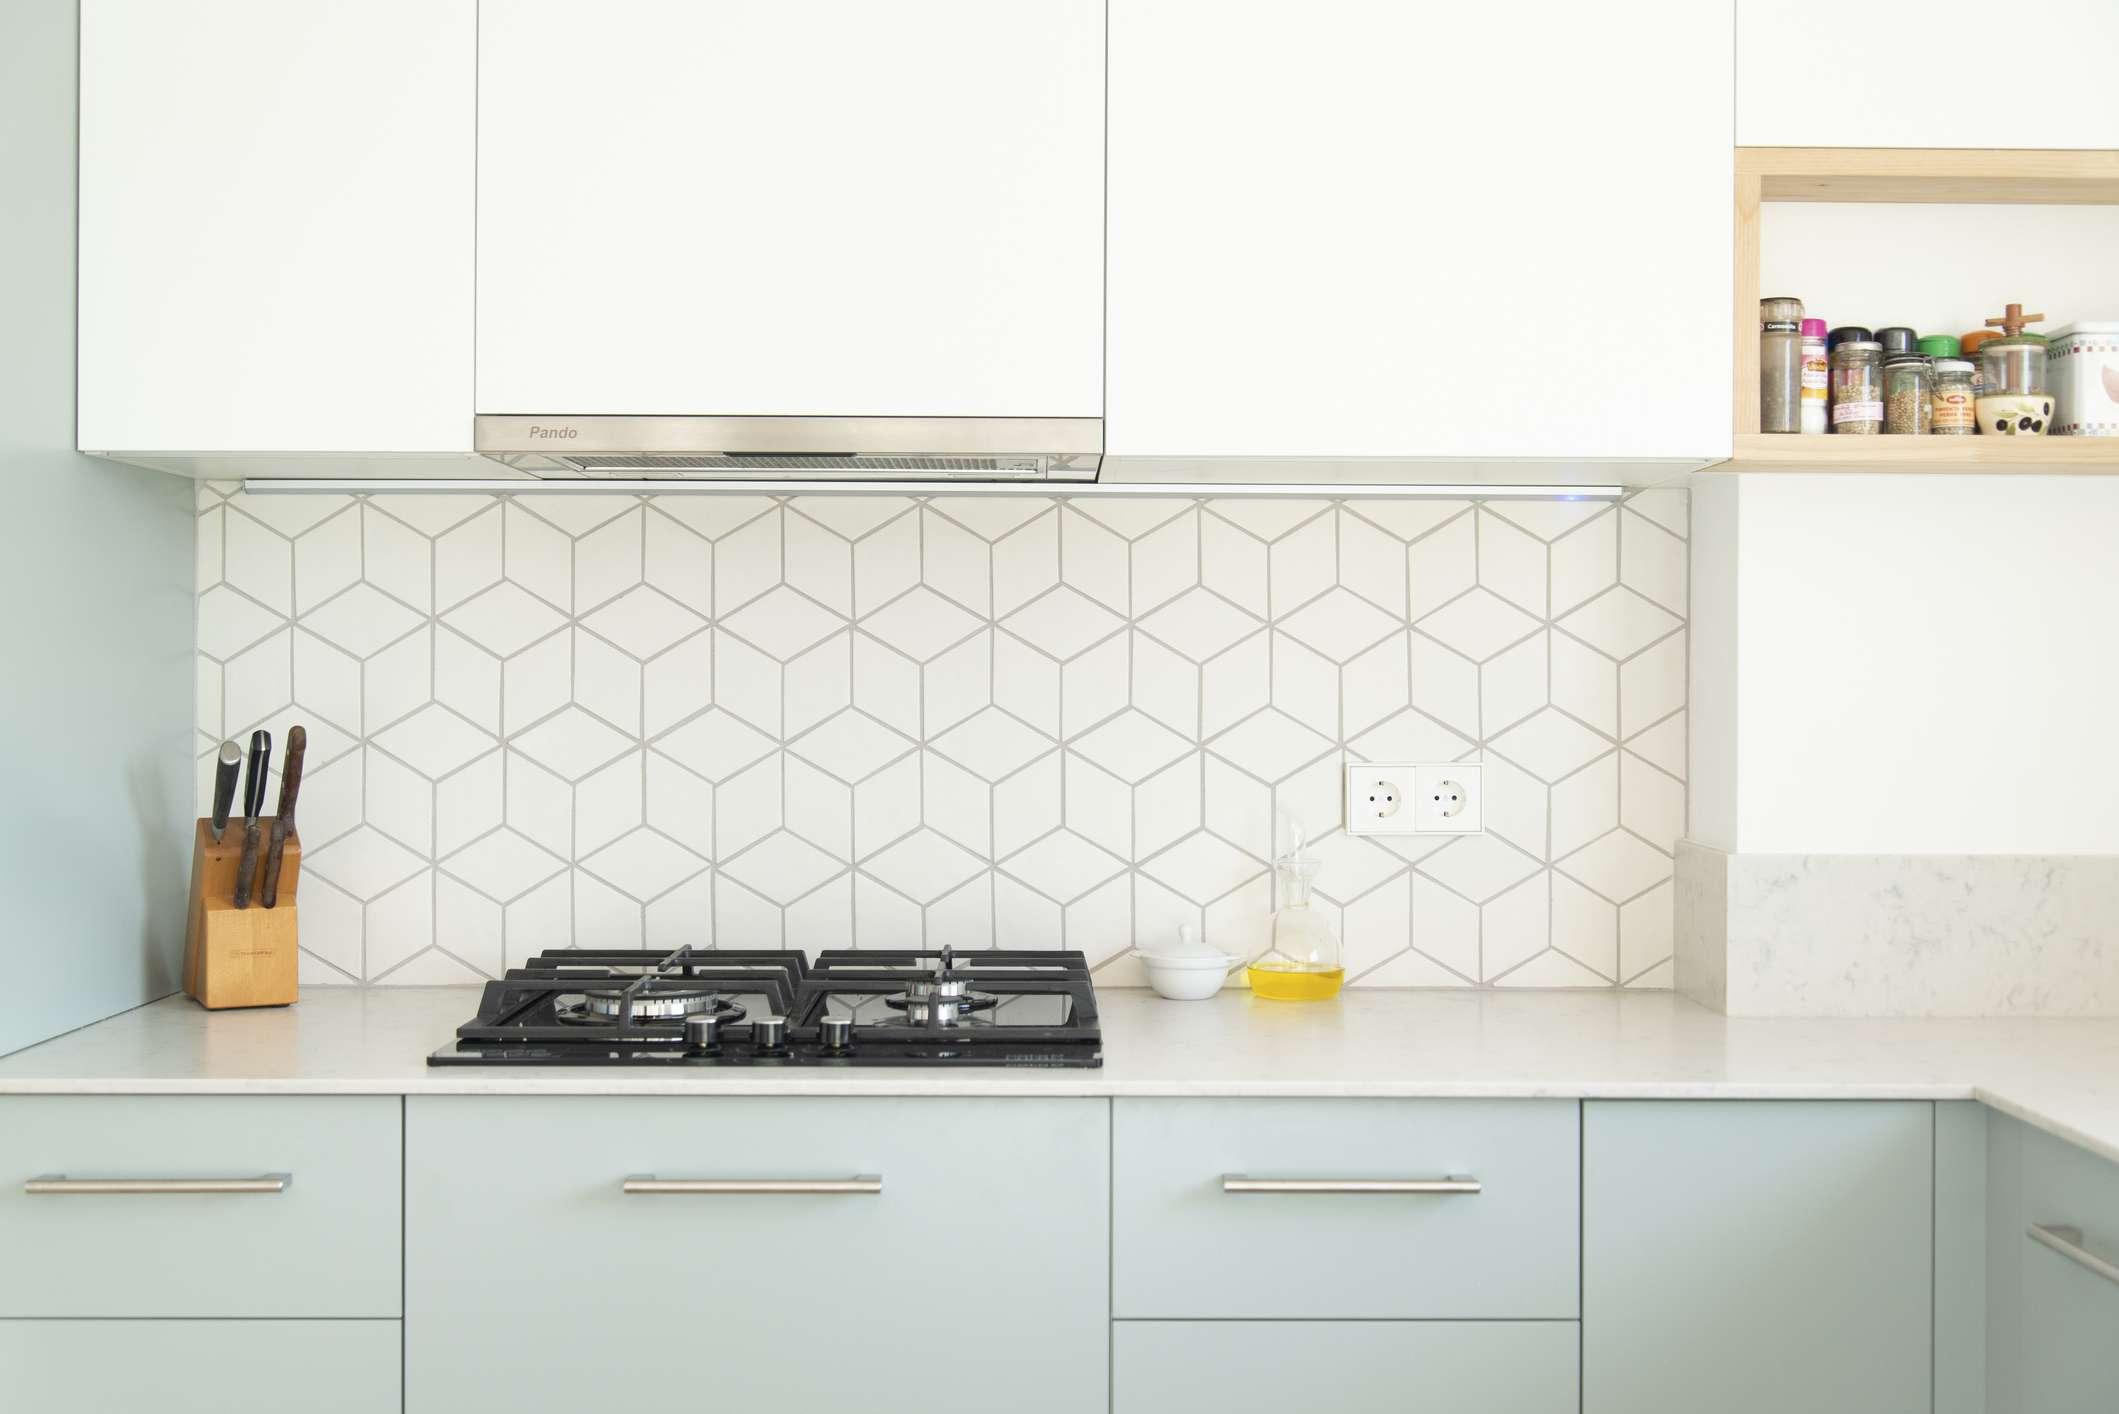 Subtle geometric kitchen backsplash